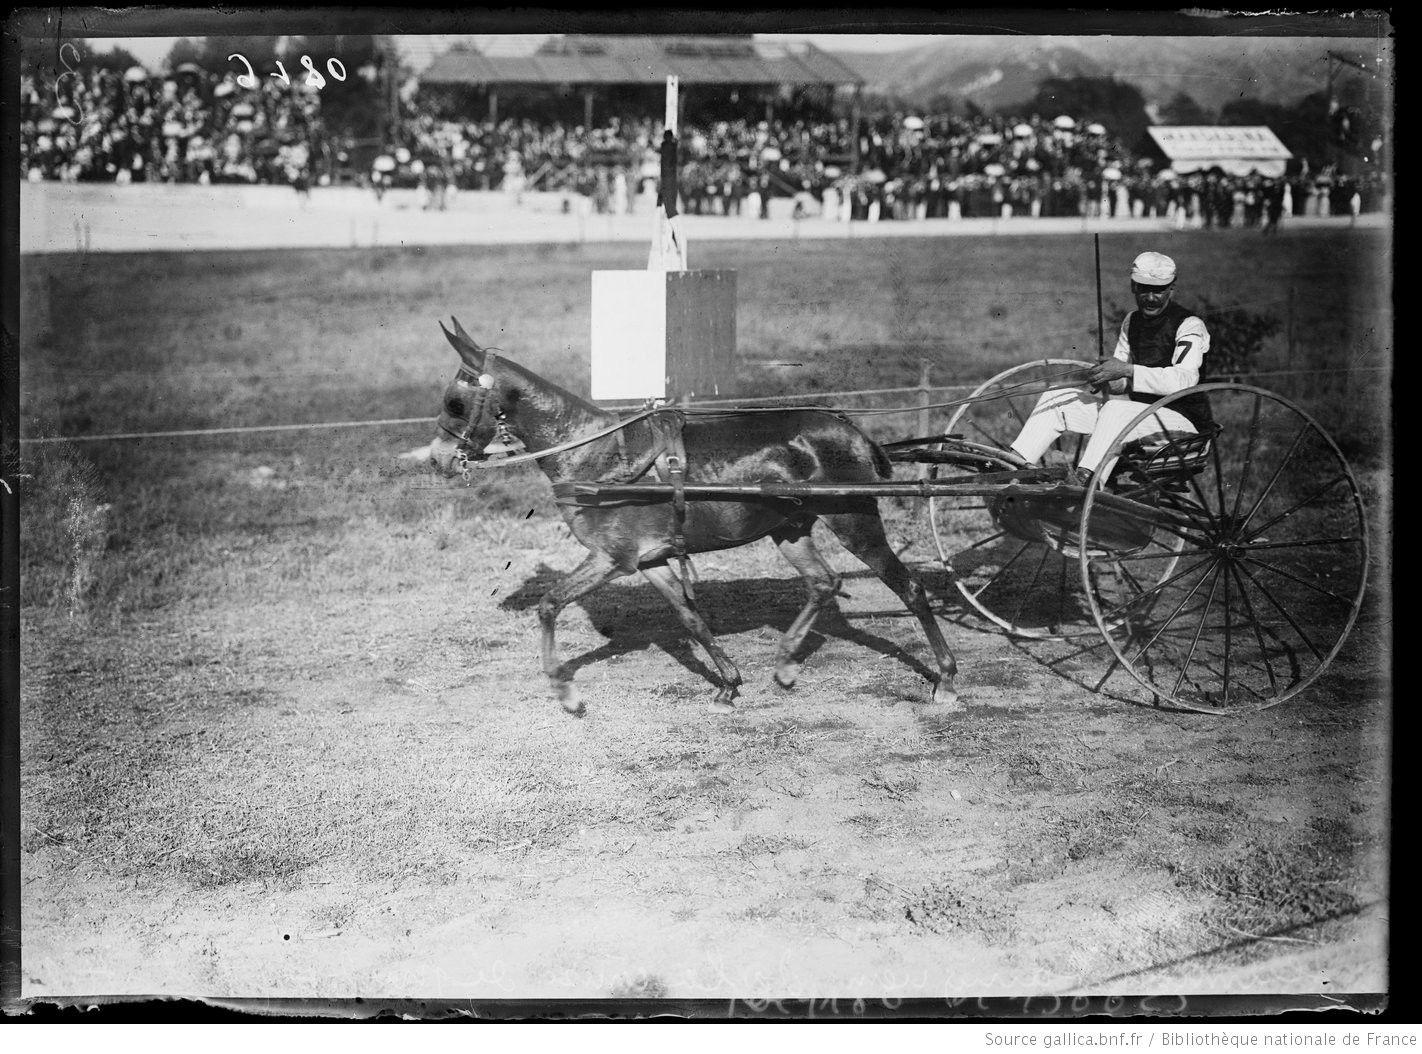 Jeannot vainqueur de la course de mulet (trot attelé) [août 1907, asinodrome de Marseille] : [photographie de presse] / [Agence Rol]